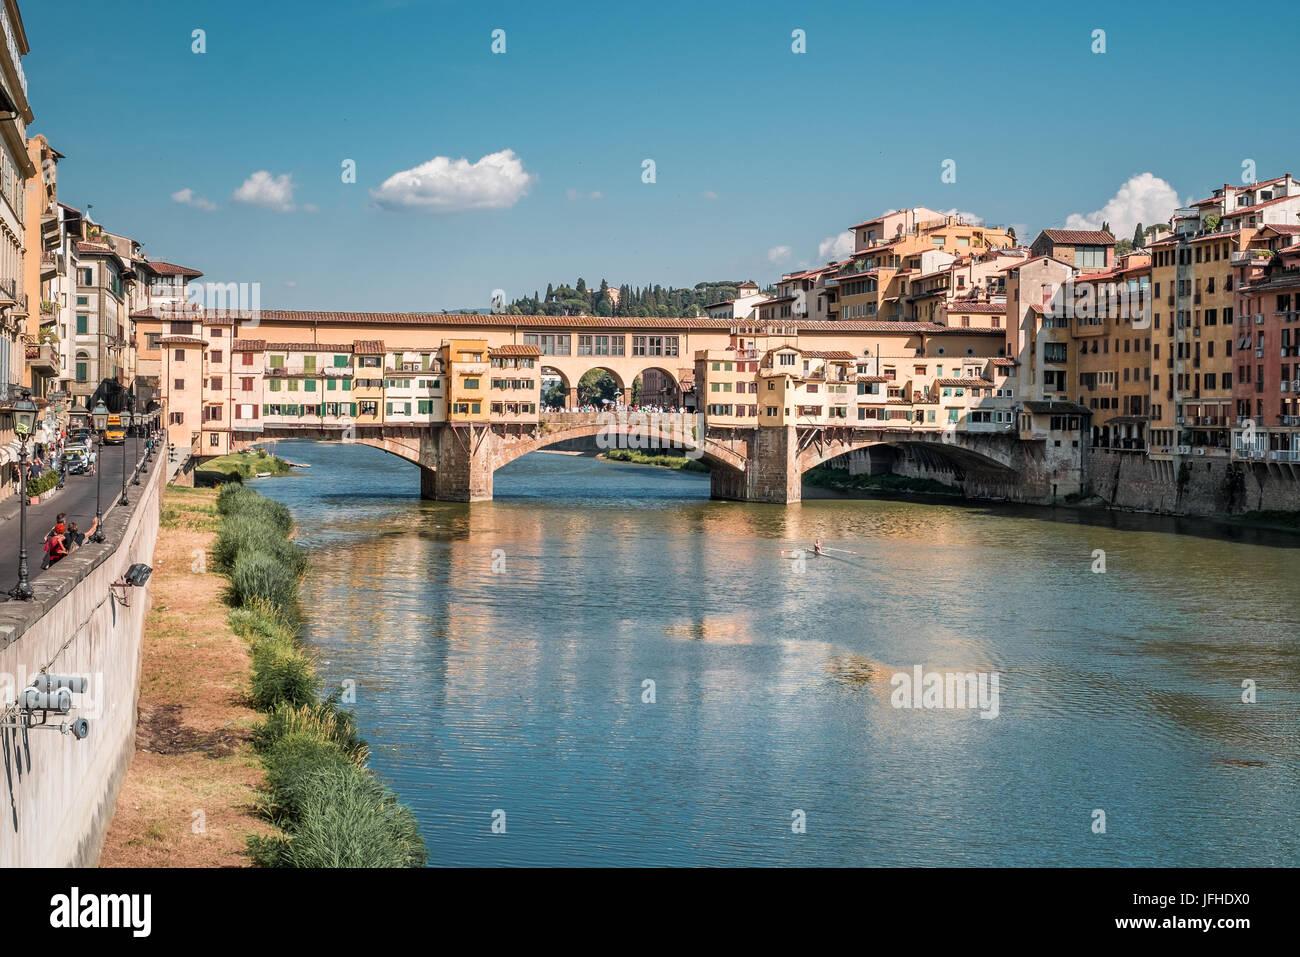 Le côté est du Ponte Vecchio (Vieux Pont) dans Florece Italie Photo Stock